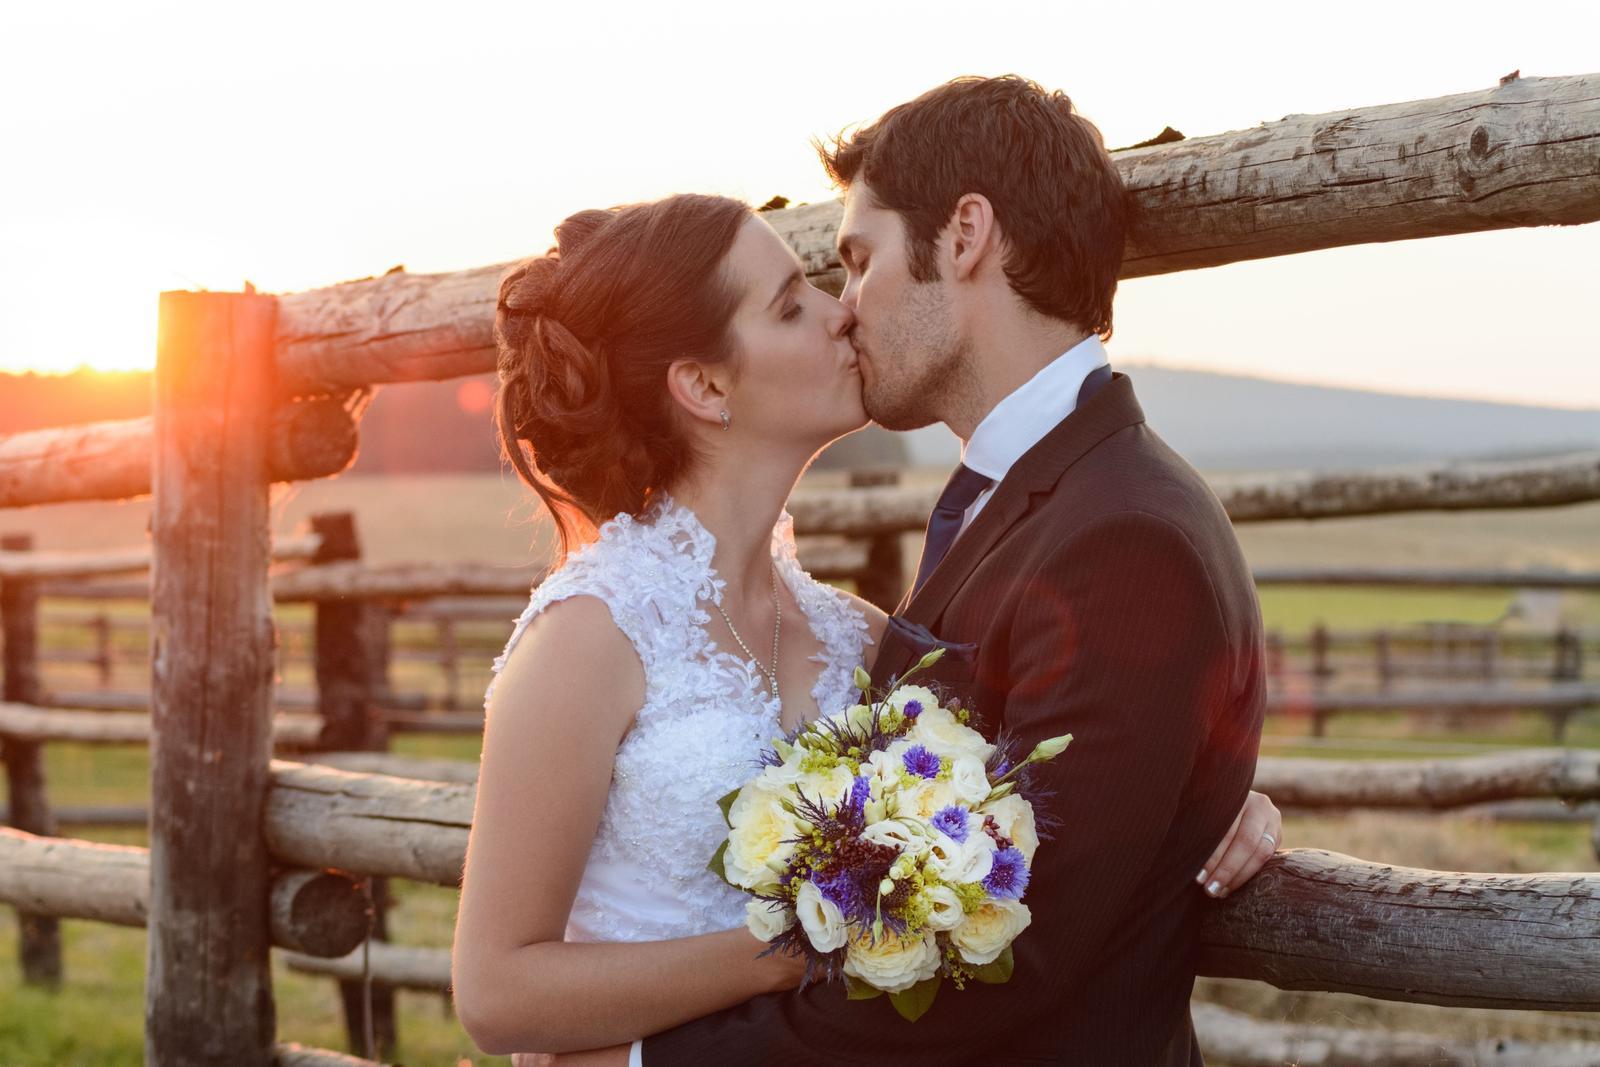 Svatební fotograf Karel Královec - kralovecphoto - Obrázek č. 44